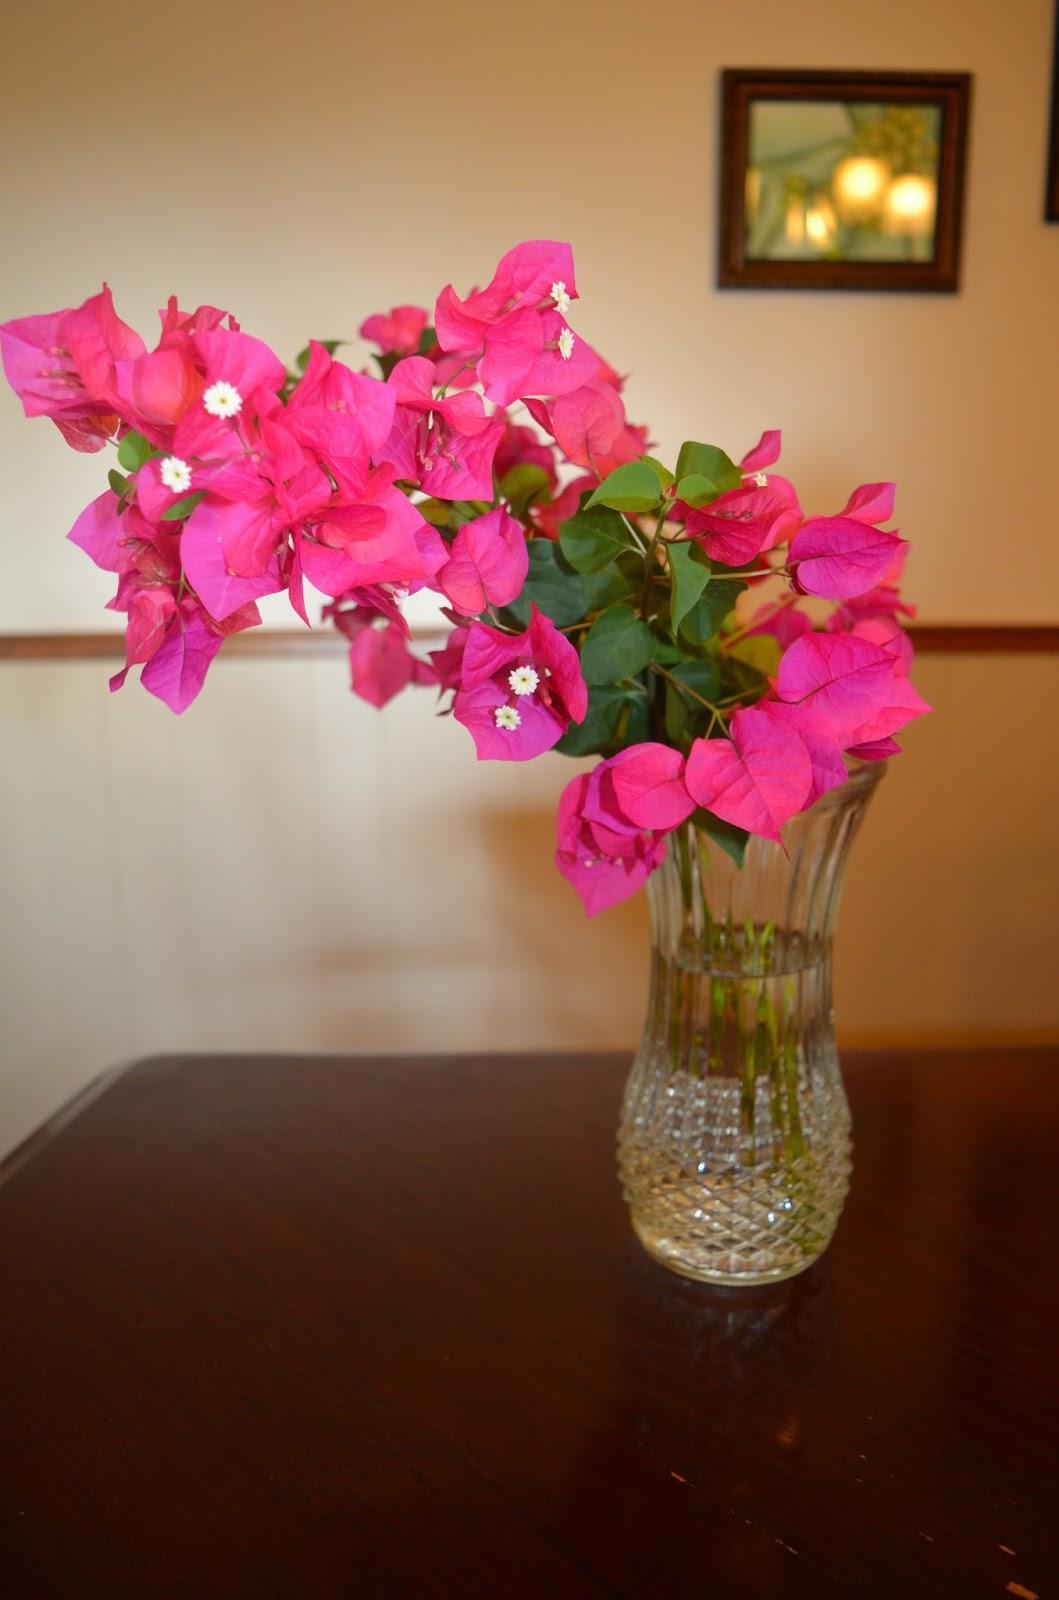 Rebecca's Texas Garden: In a Vase: Bits of Bougainvillea